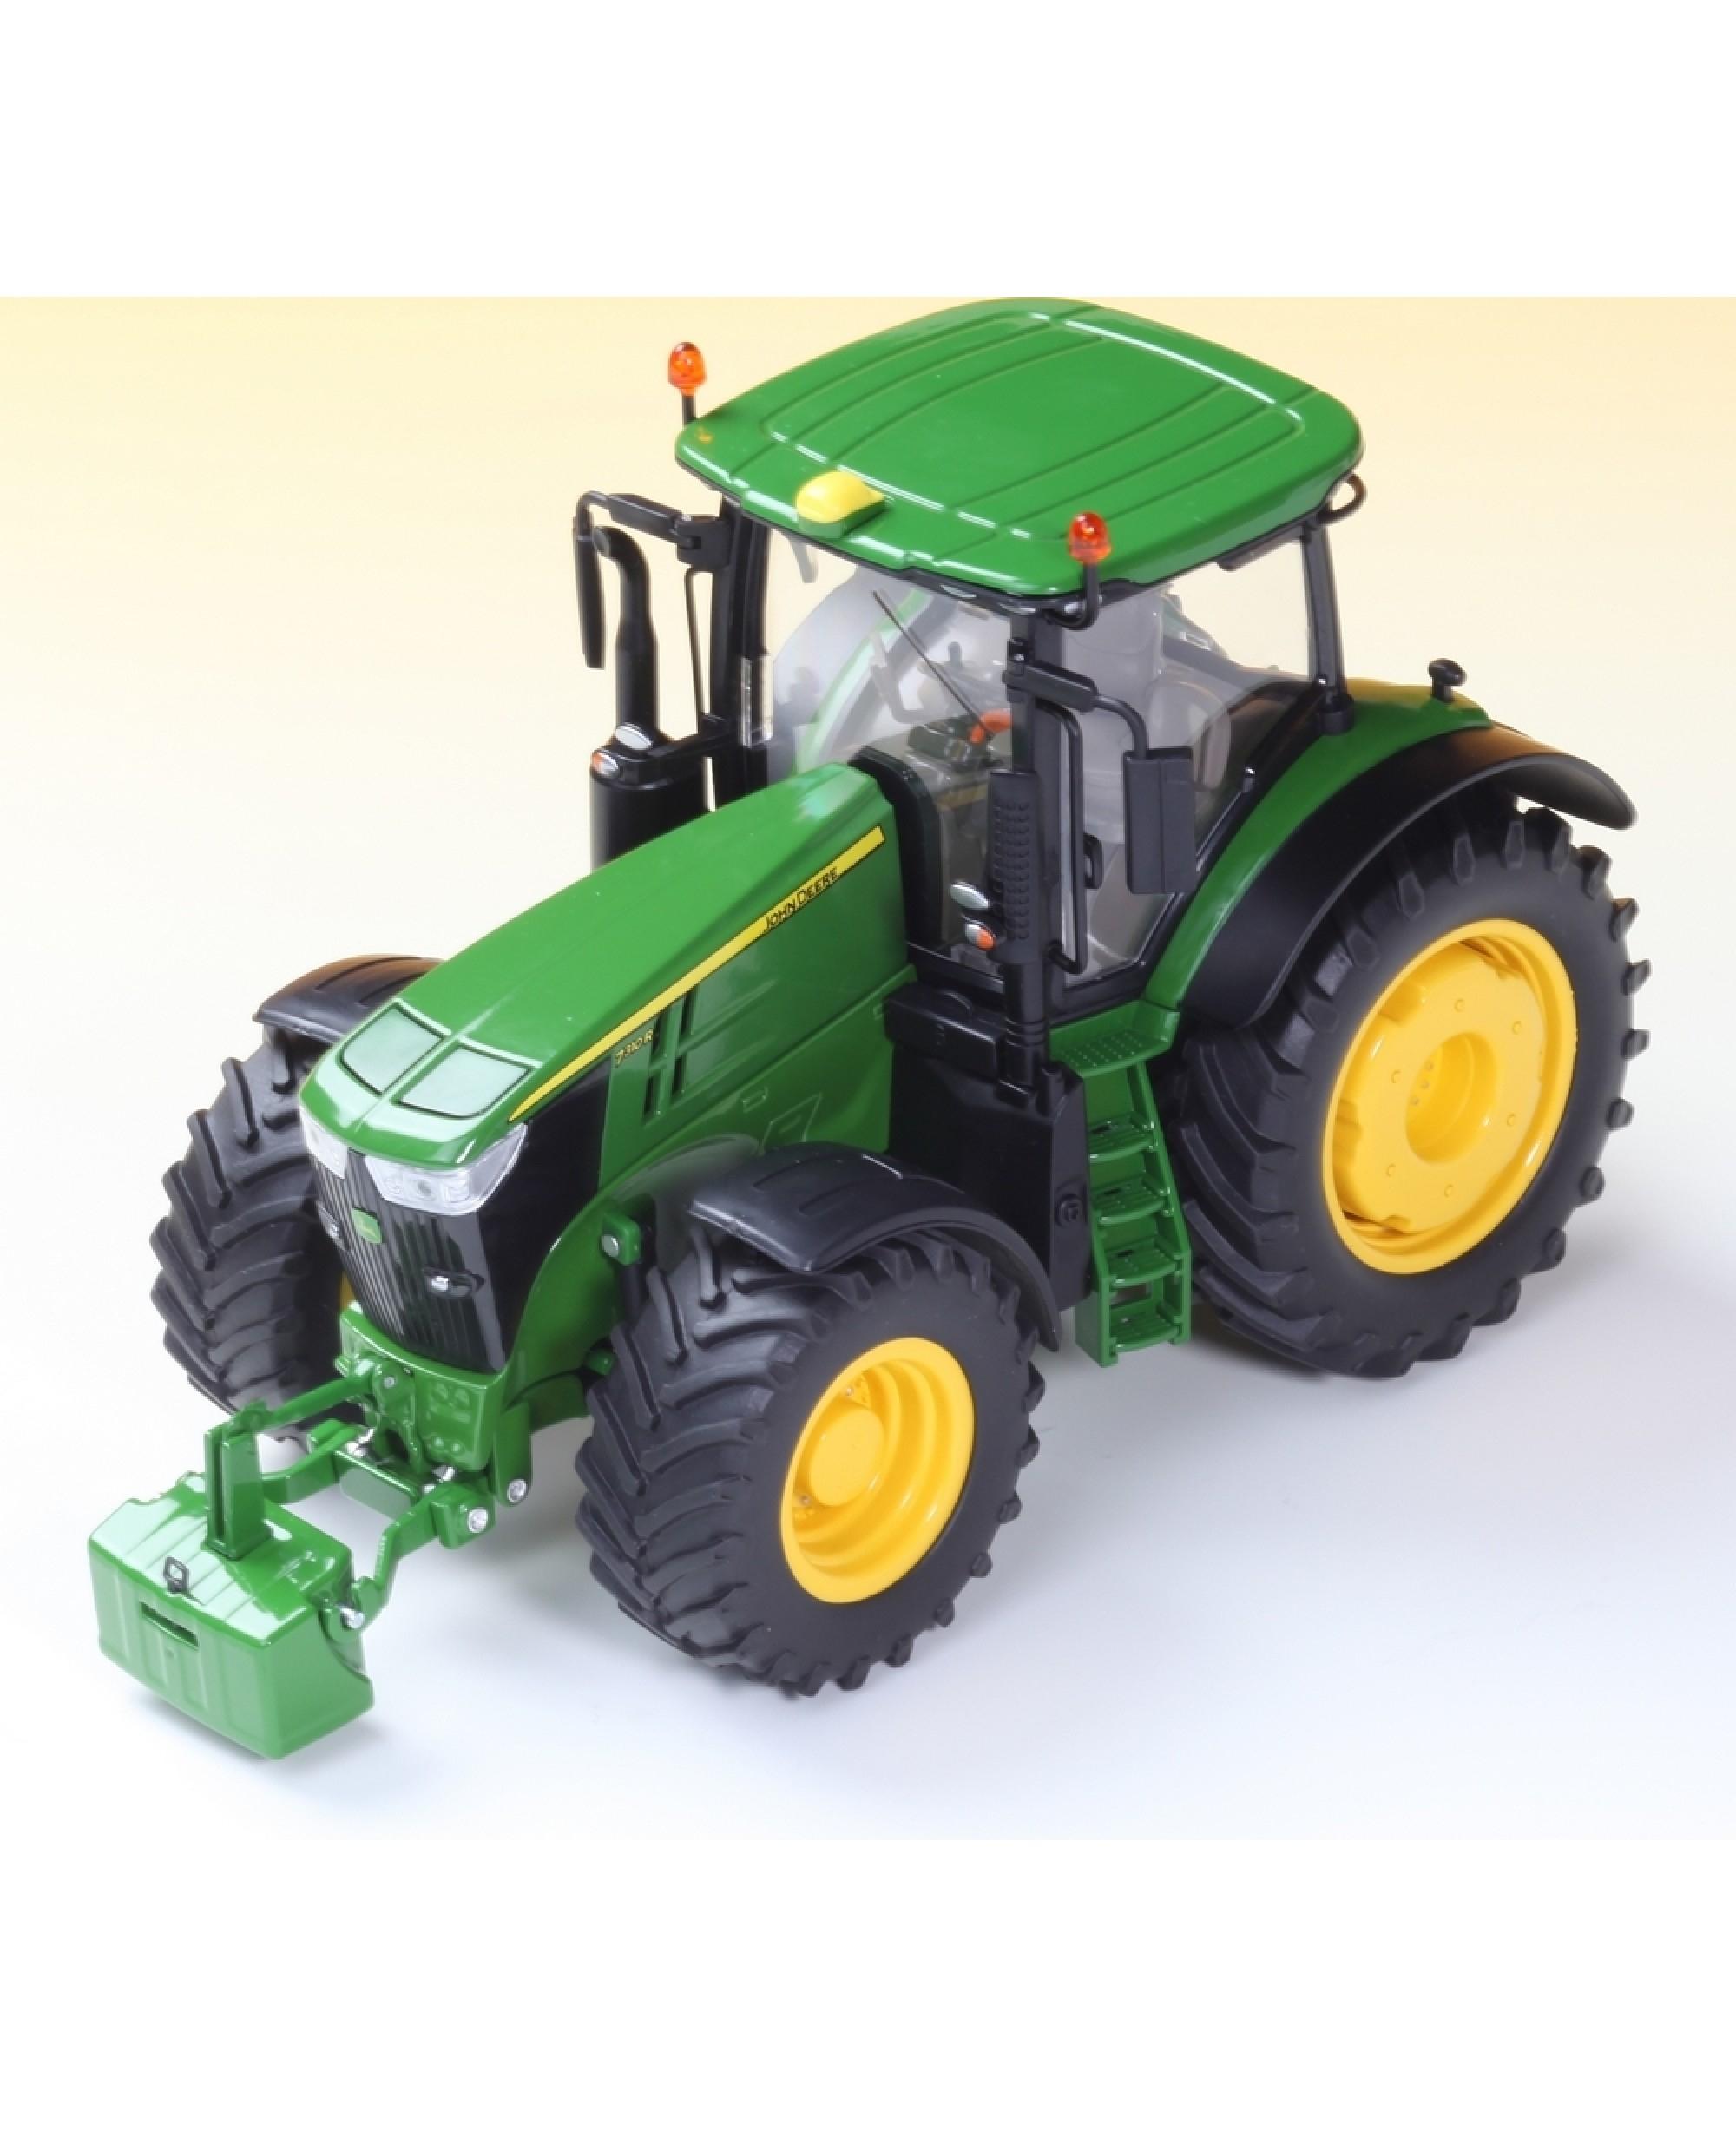 Tracteur John Deere 7310R concernant Dessin Animé De Tracteur John Deere